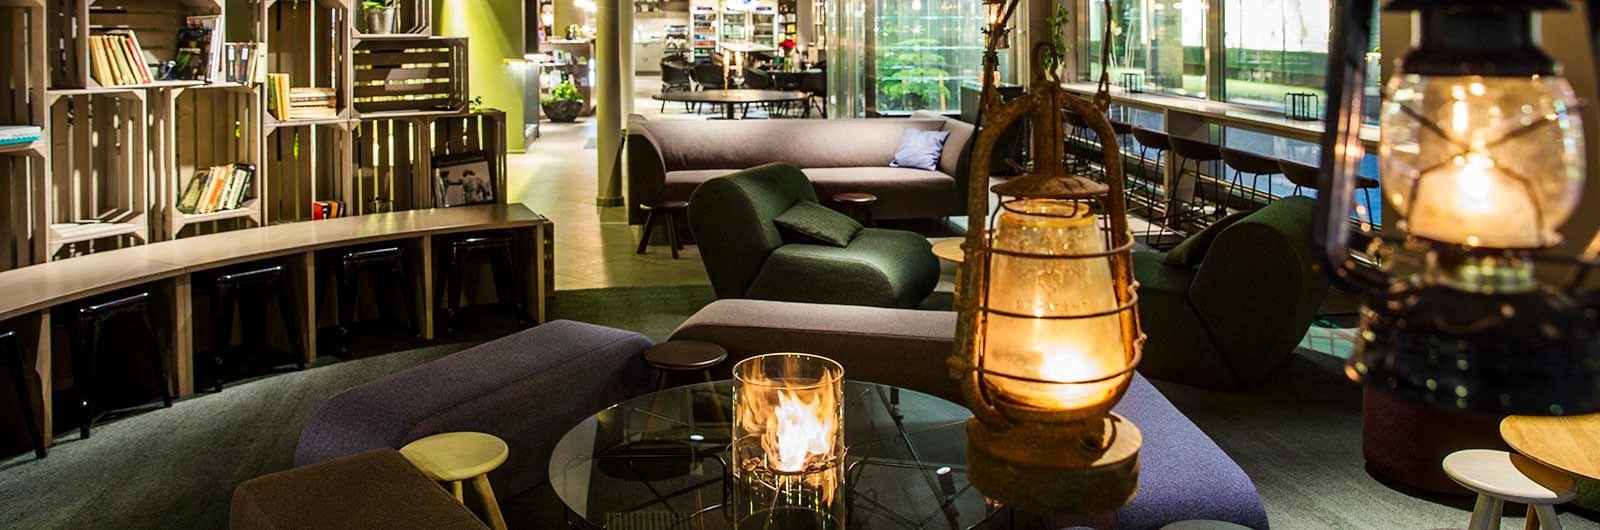 Lounge på Göteborg city hotell